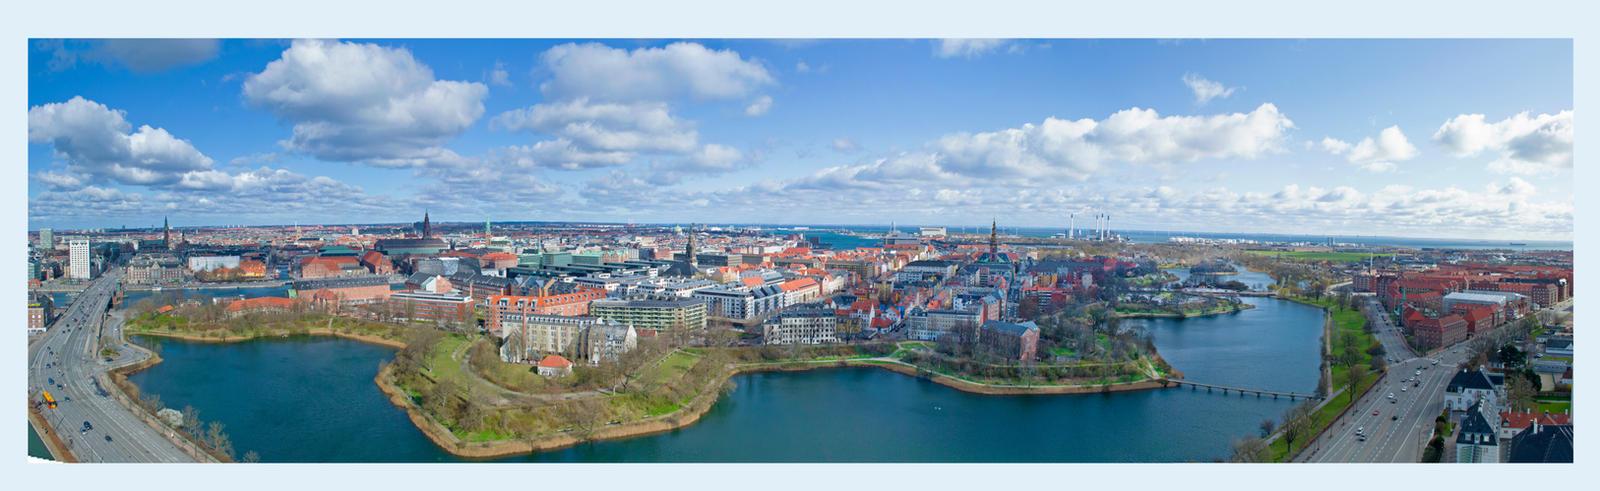 Copenhagen - Panorama by WorldsInWorld